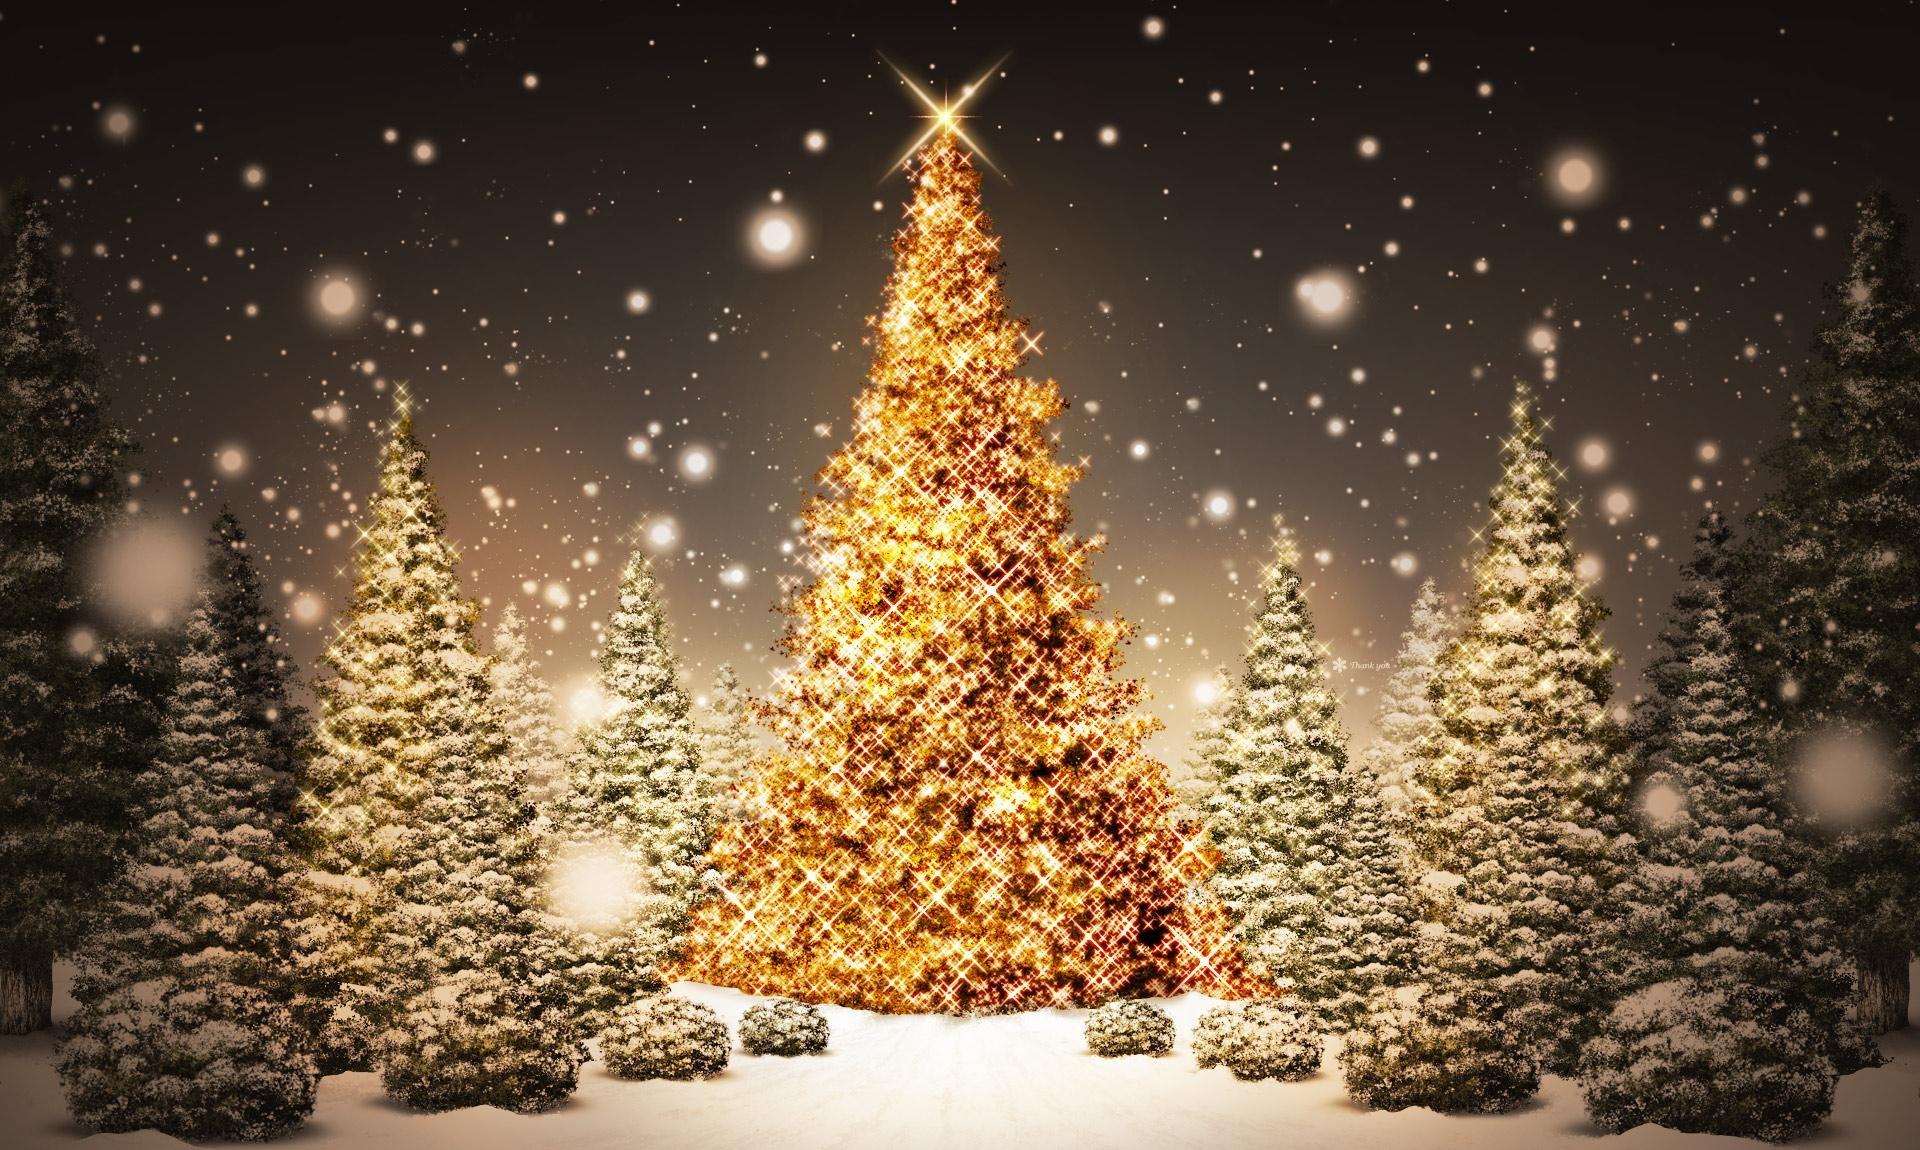 136016 скачать обои Праздники, Новый Год, Рождество, Лес, Открытка, Снег, Ночь, Праздник, Елки - заставки и картинки бесплатно